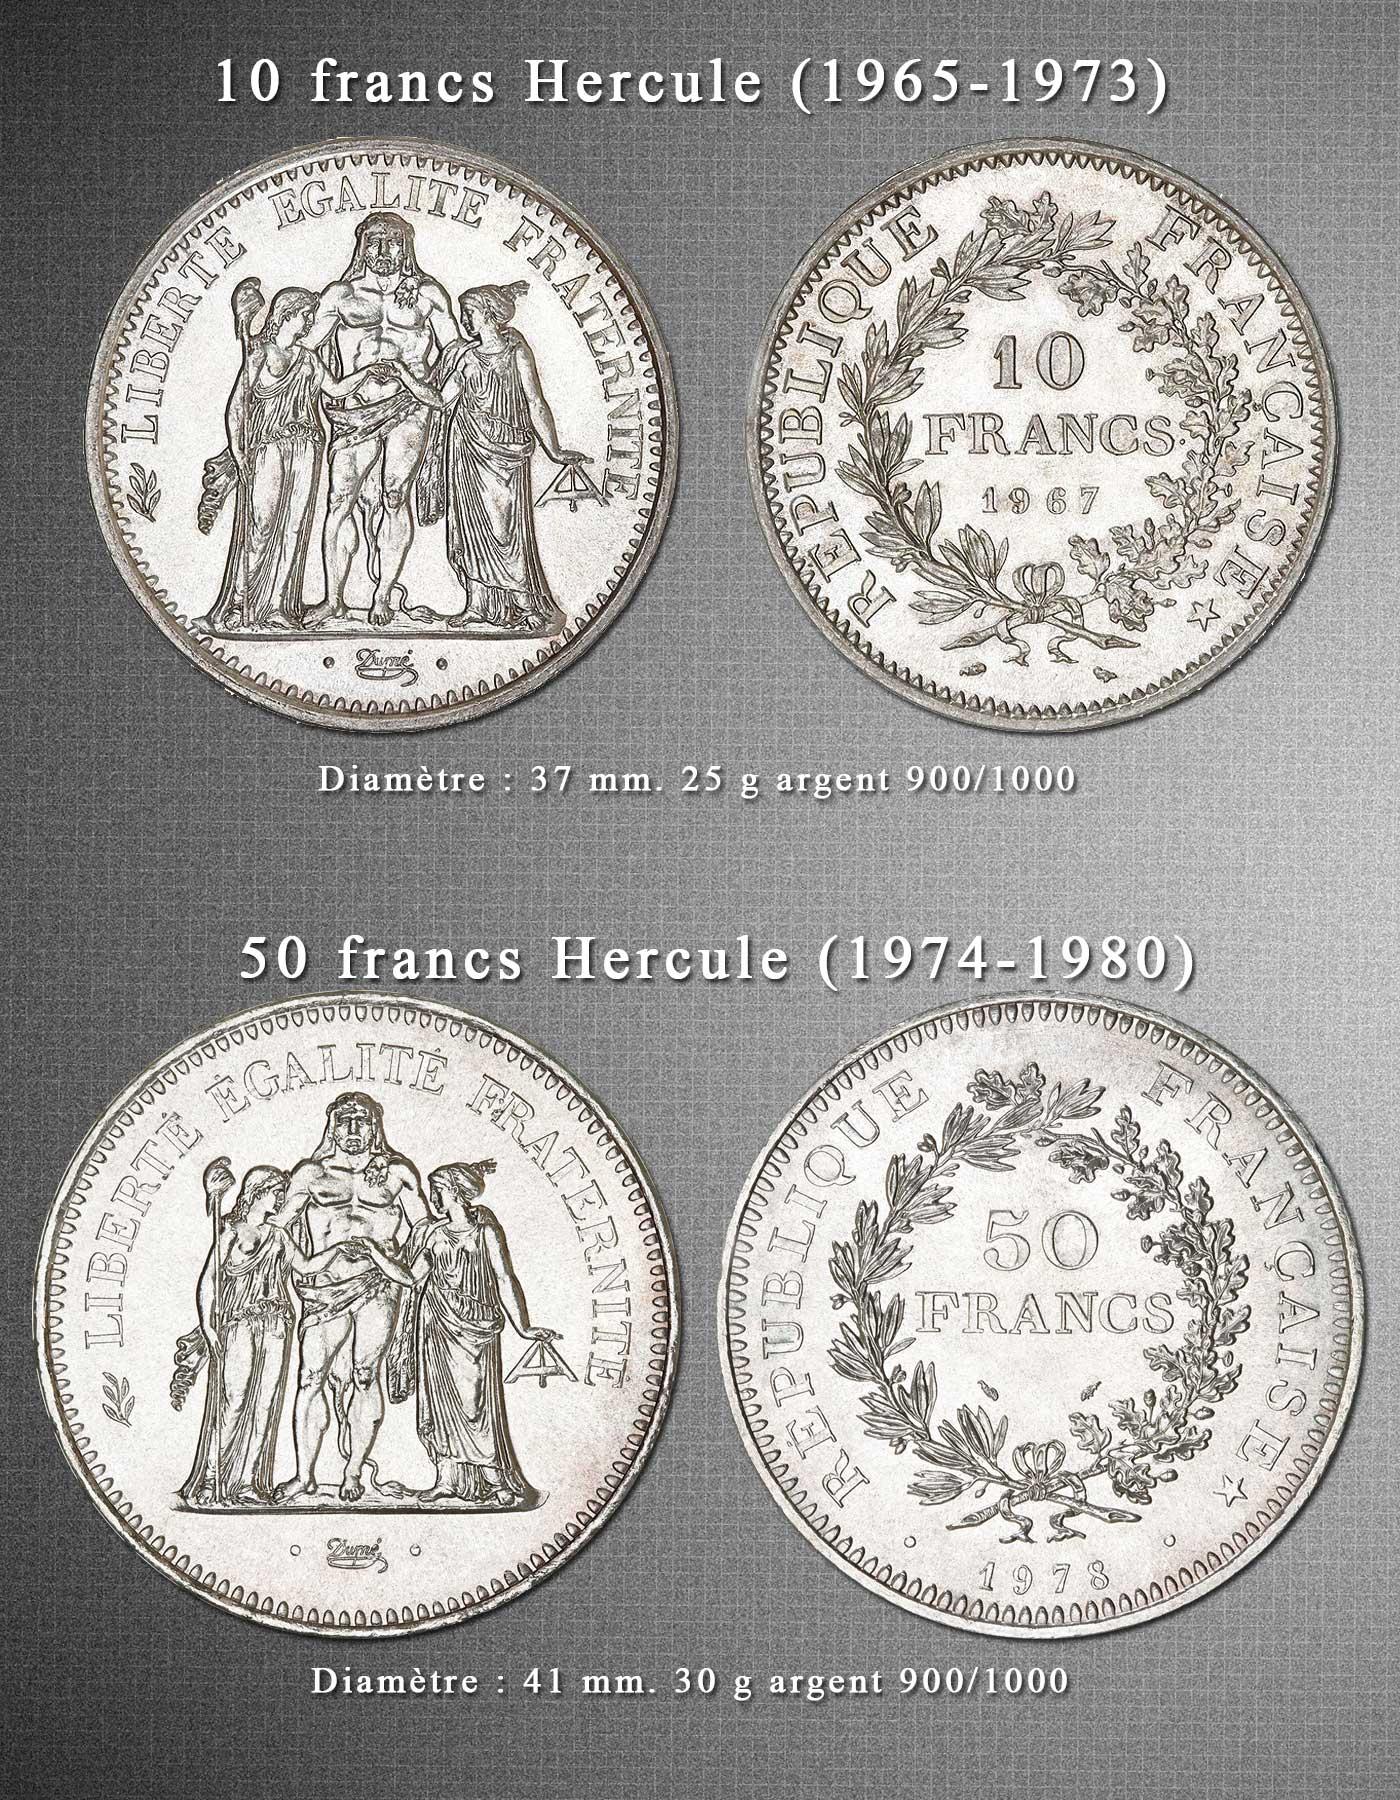 Photo des pièces de 10 francs argent Hercule et 50 francs argent Hercule